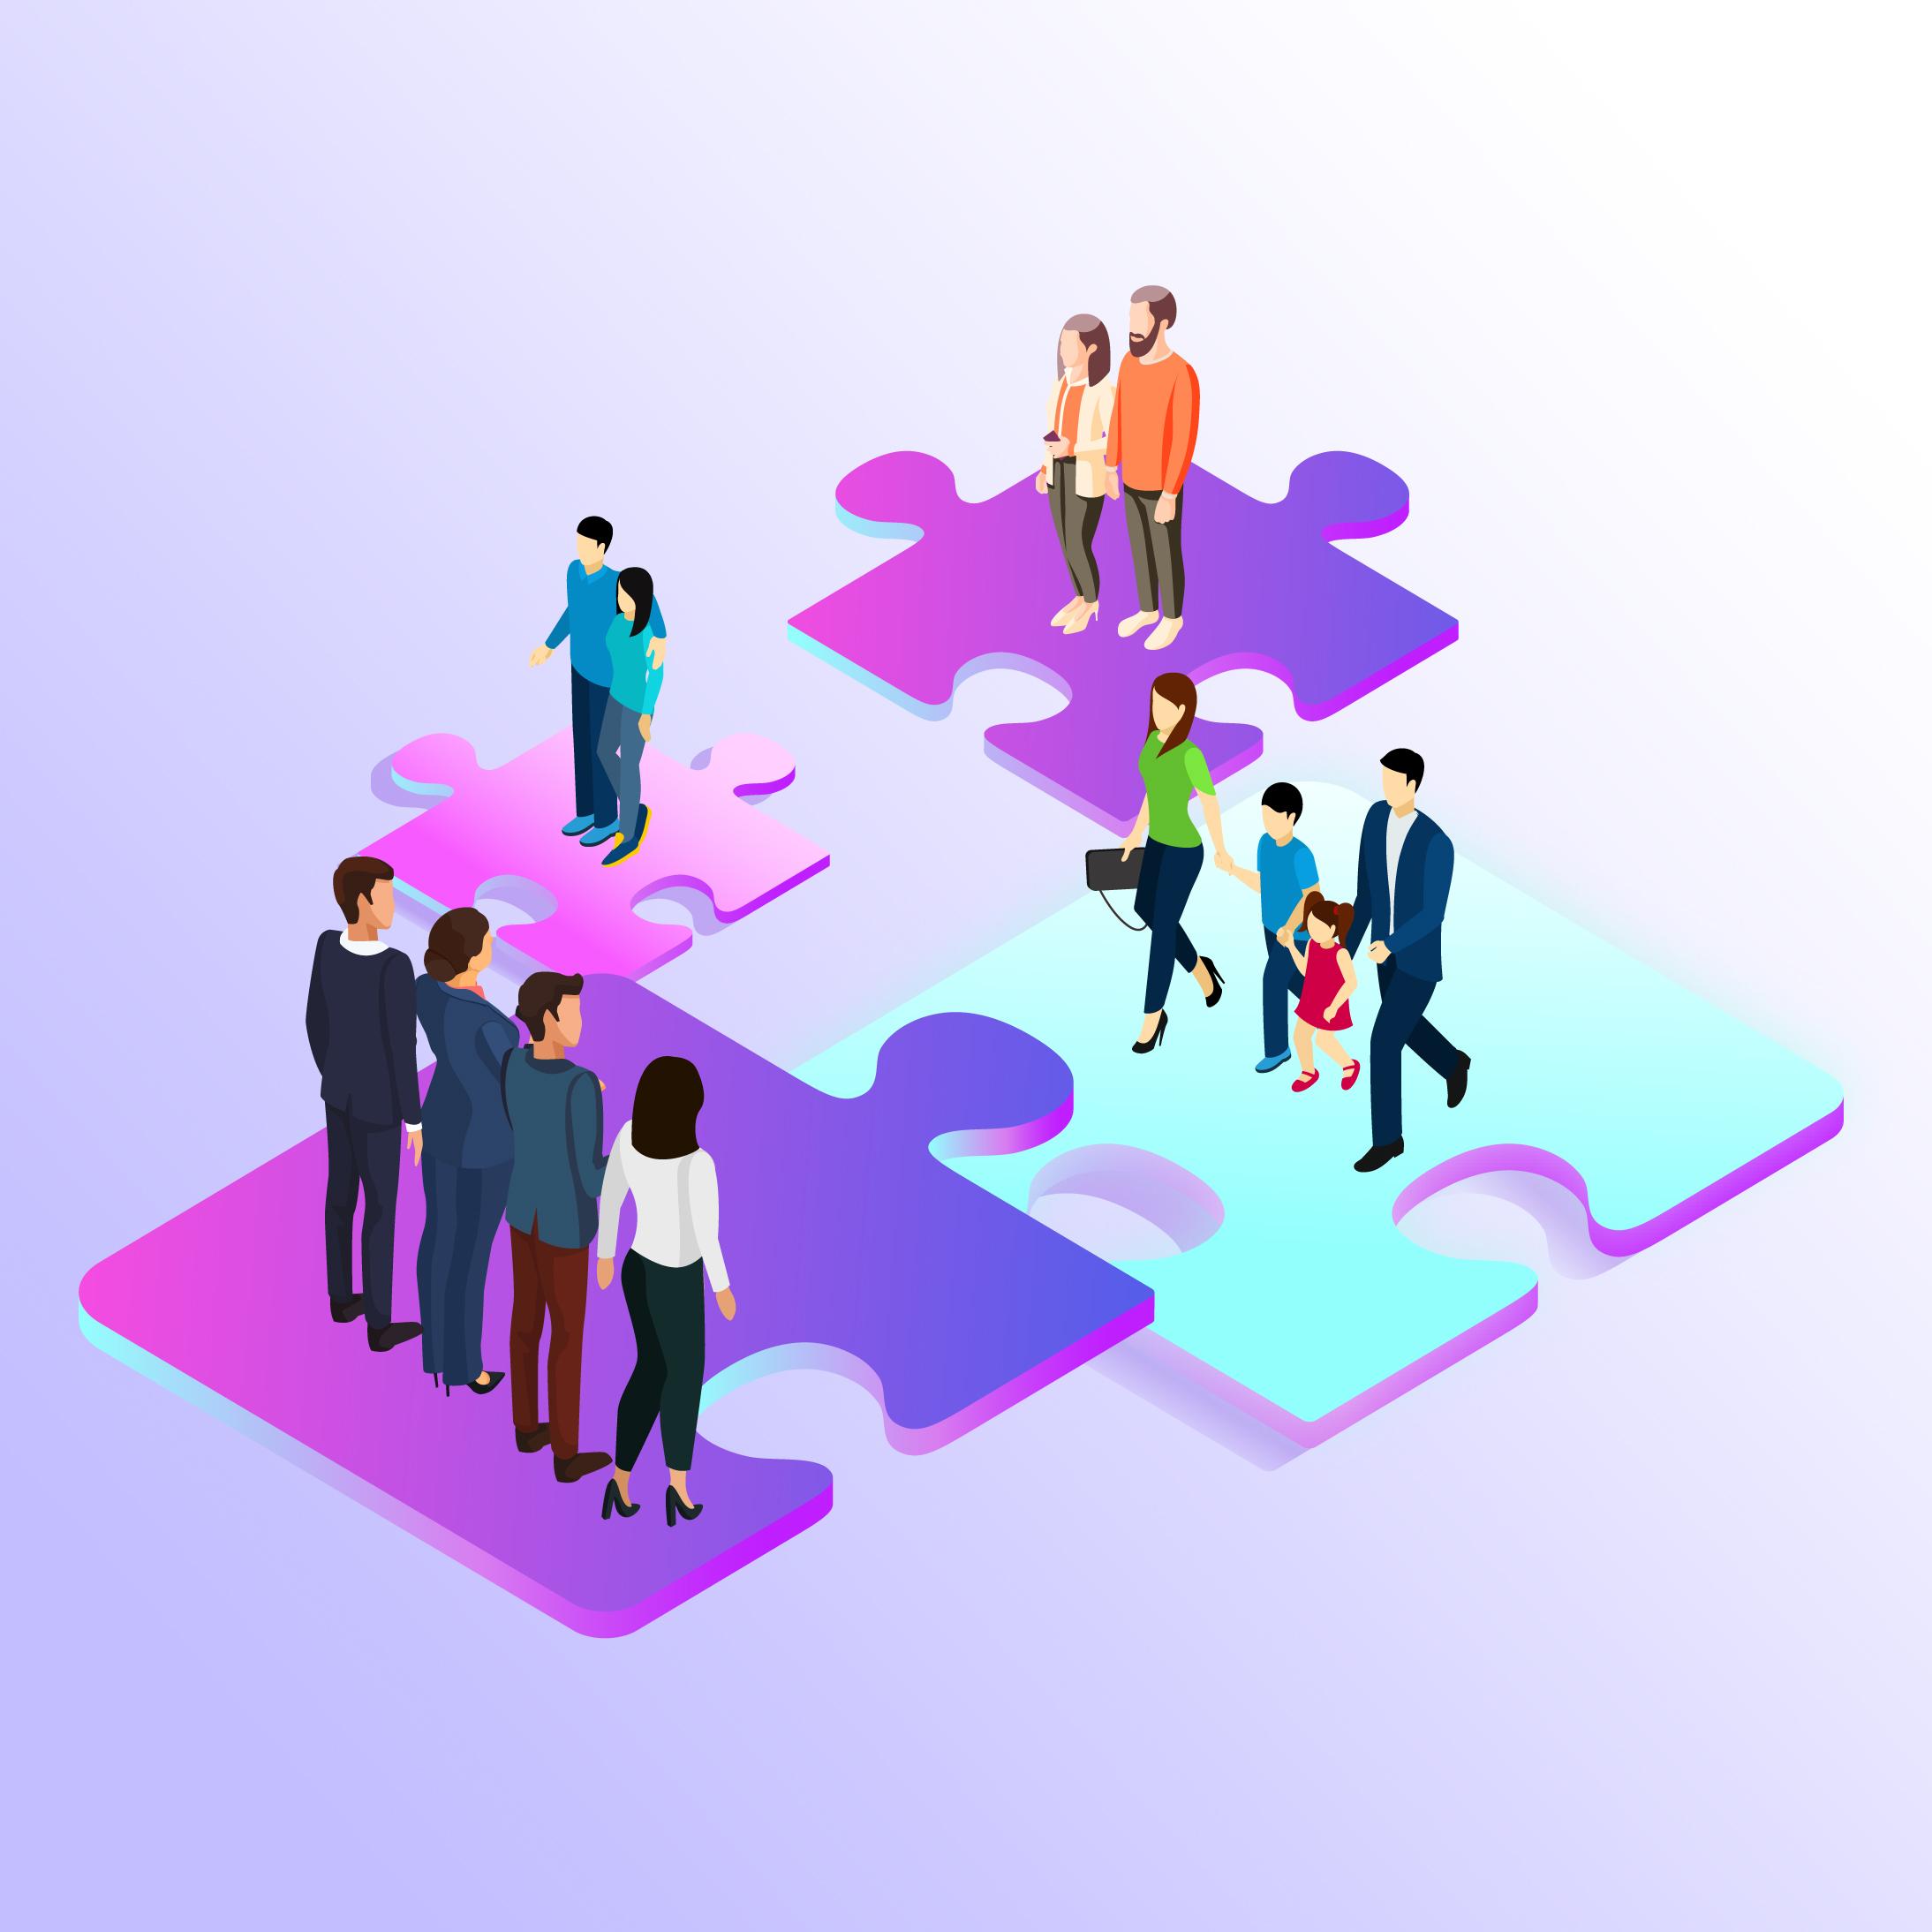 Entscheidend für den Unternehmenserfolg ist jetzt, dass Mitarbeiter zu diesem neuen - durch Corona beeinflussten - Kunden kompatibel sind